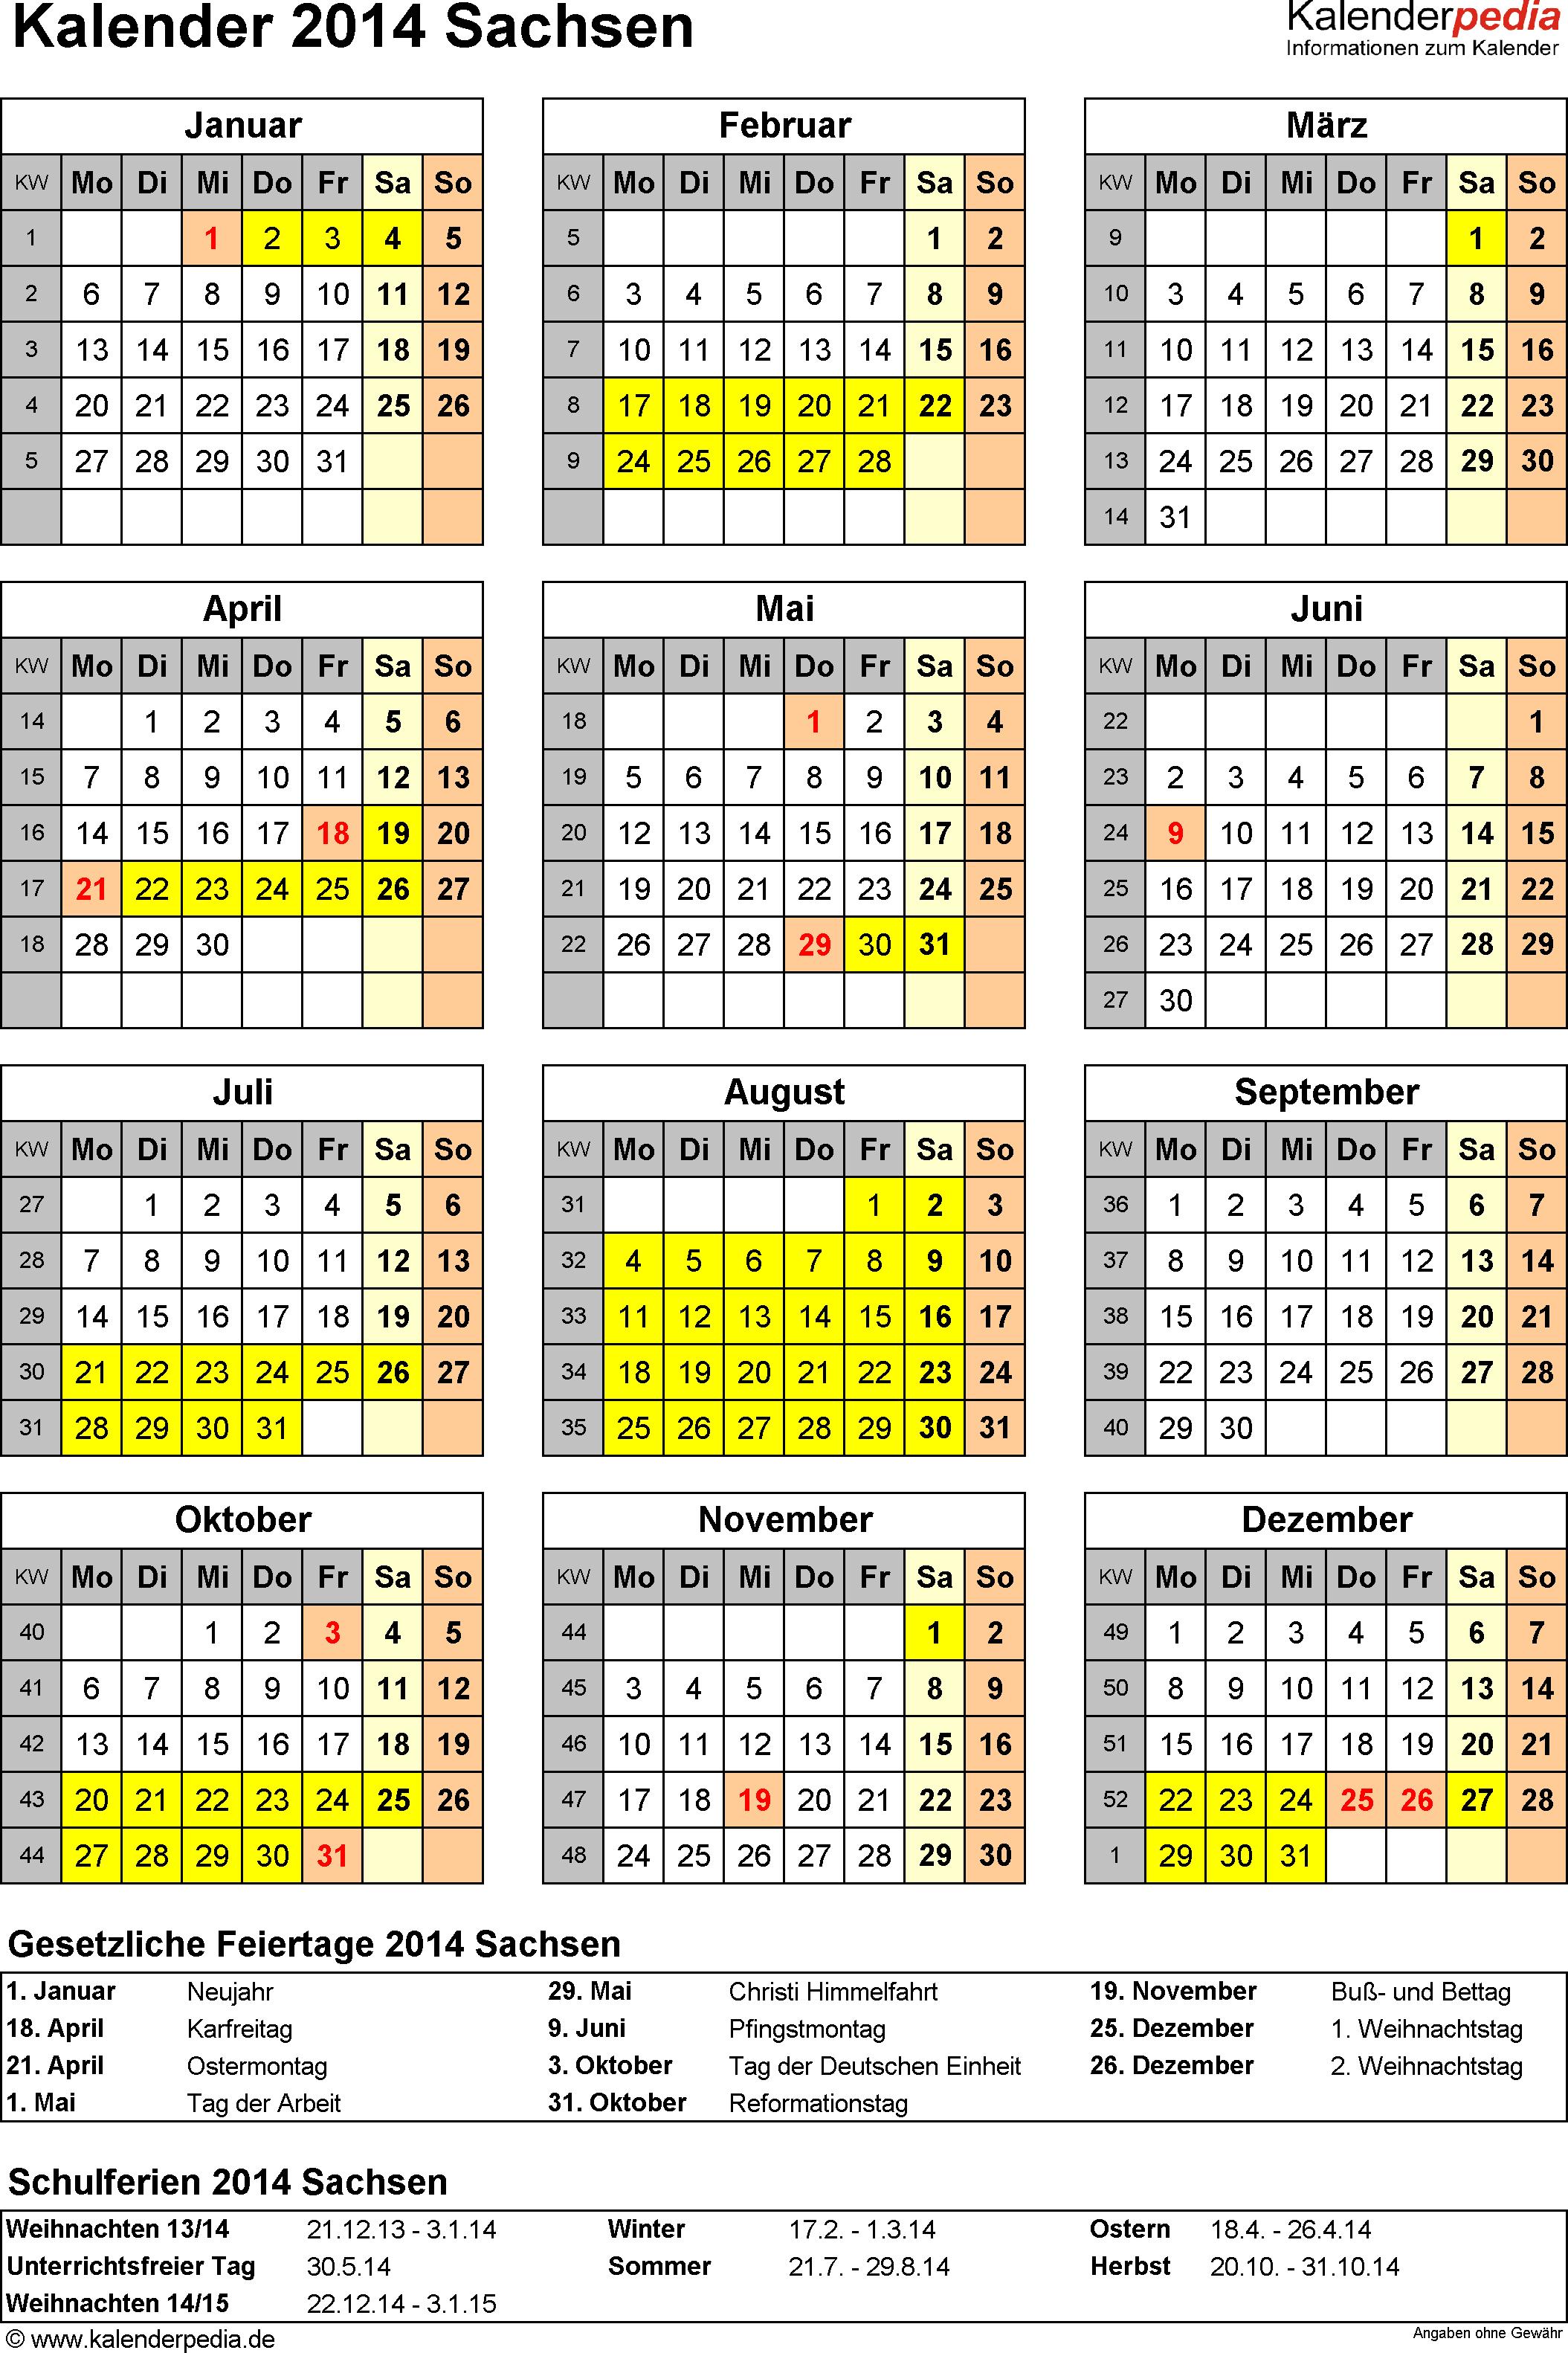 Vorlage 4: Kalender Sachsen 2014 als PDF-Vorlage (Hochformat)